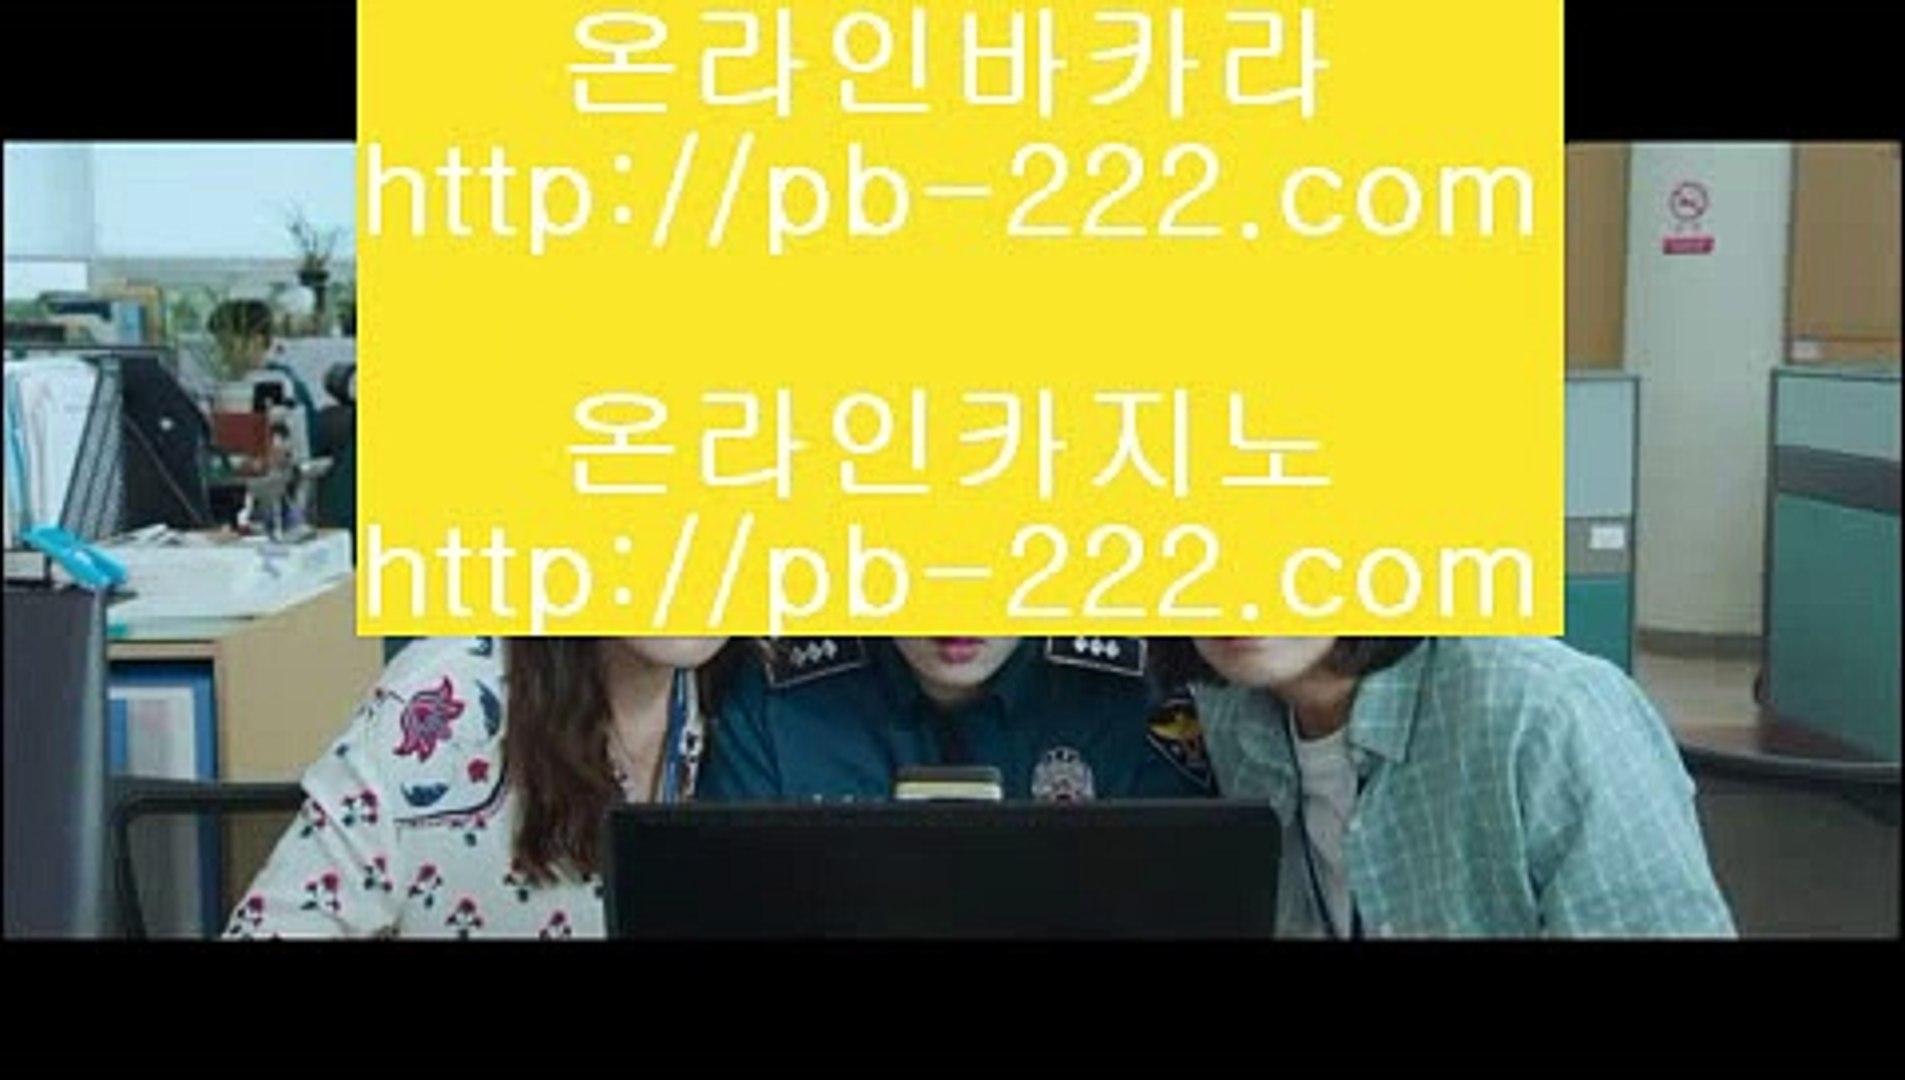 pb-2020.com,,pb-222.com pb-2020.com,#성시경,pb-222.com pb-2020.com,#성시경 1집부터 들,pb-2020.com #솔레어,#온라인카지노